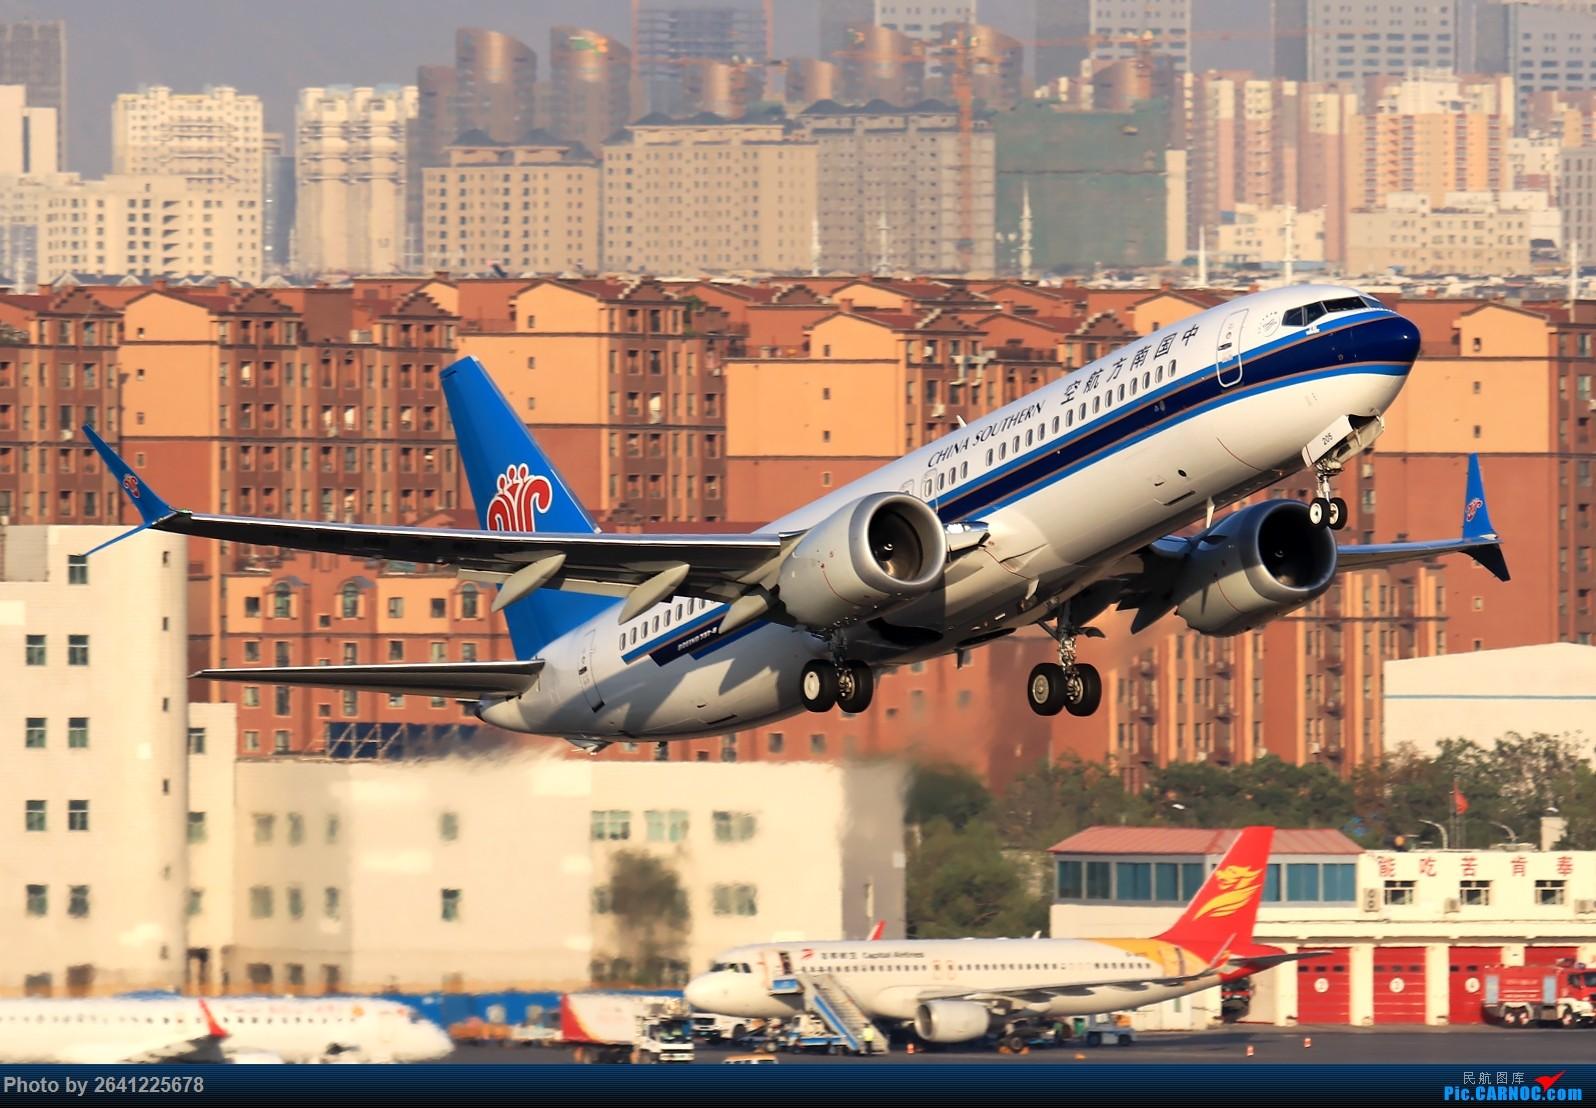 [原创]【小周游记第7集拍机贴】多图预警——乌鲁木齐绝美的地景和光线(更新完毕) BOEING 737MAX-8 B-1205 中国乌鲁木齐地窝堡国际机场